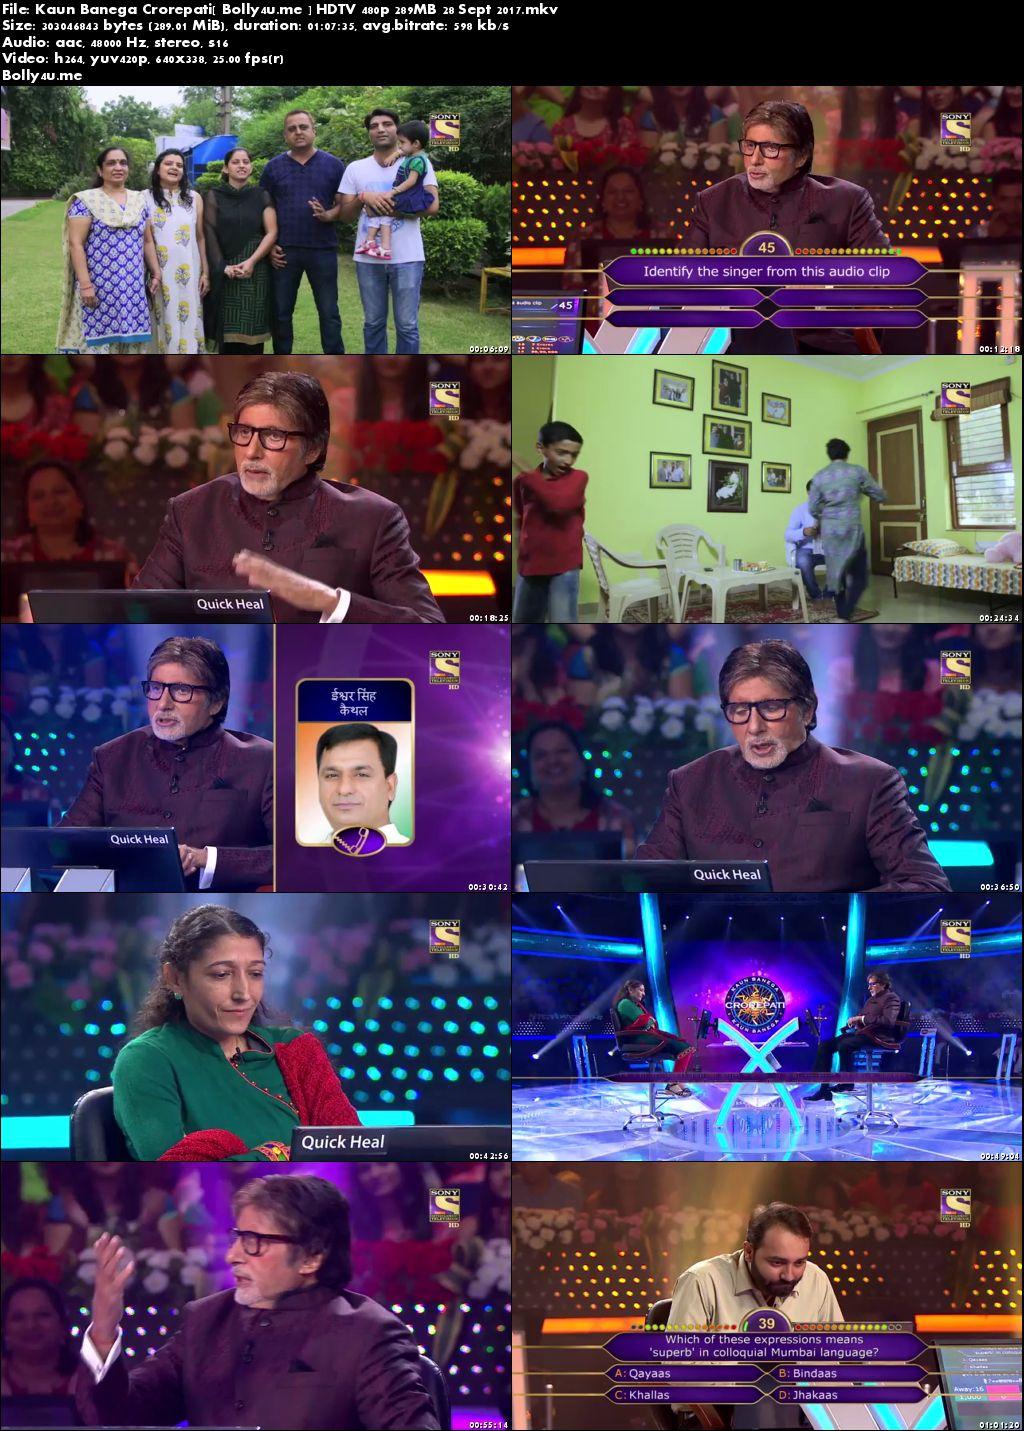 Kaun Banega Crorepati HDTV 480p 280MB 28 Sept 2017 Download